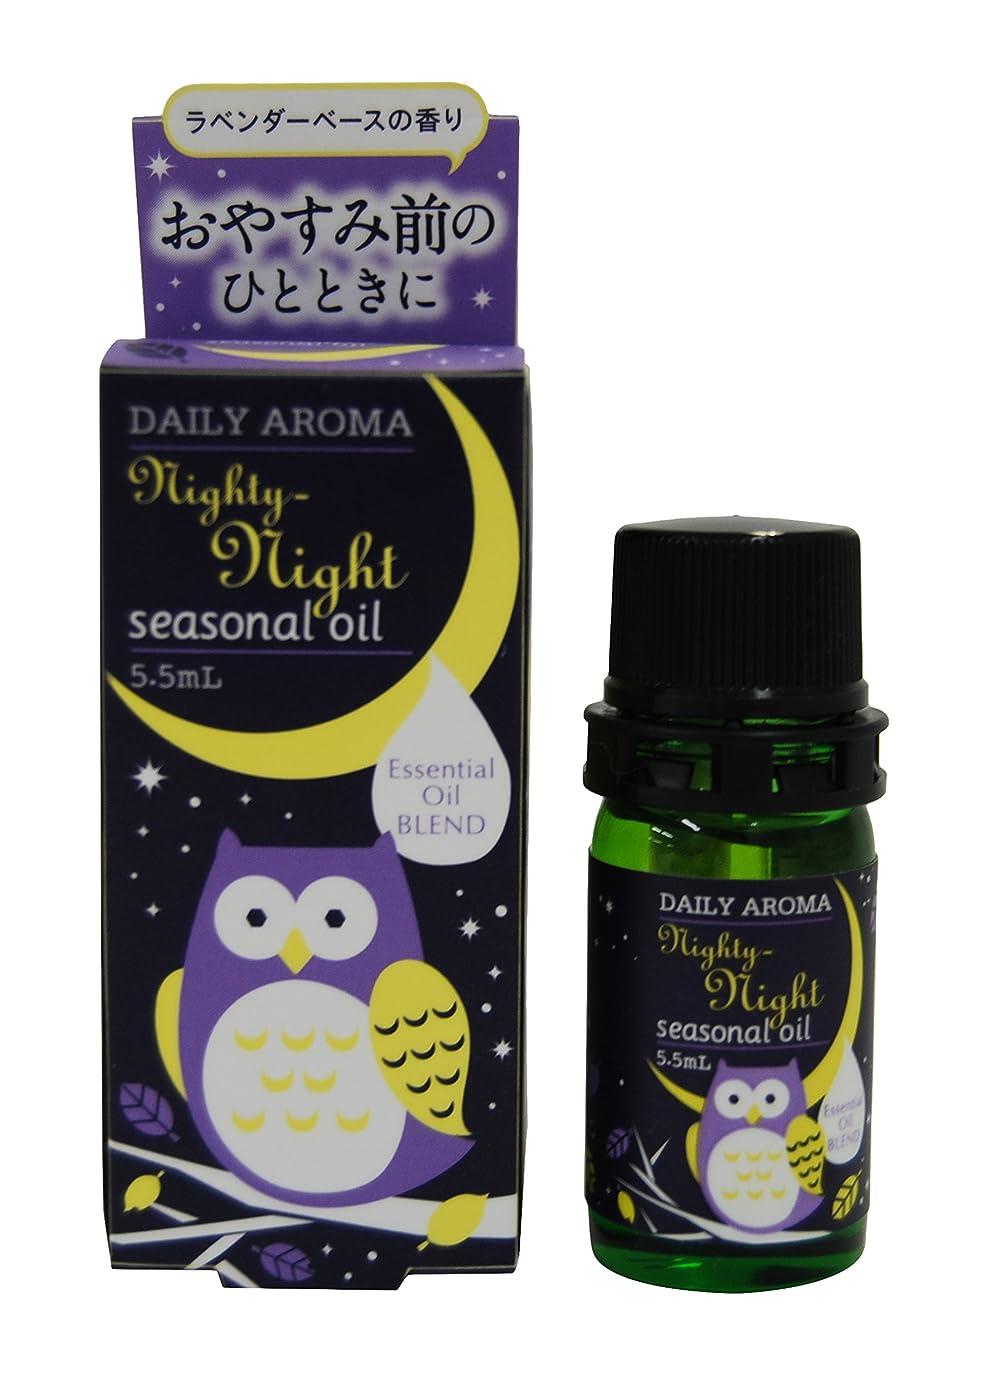 Nighty-Night ブレンドエッセンシャルオイル